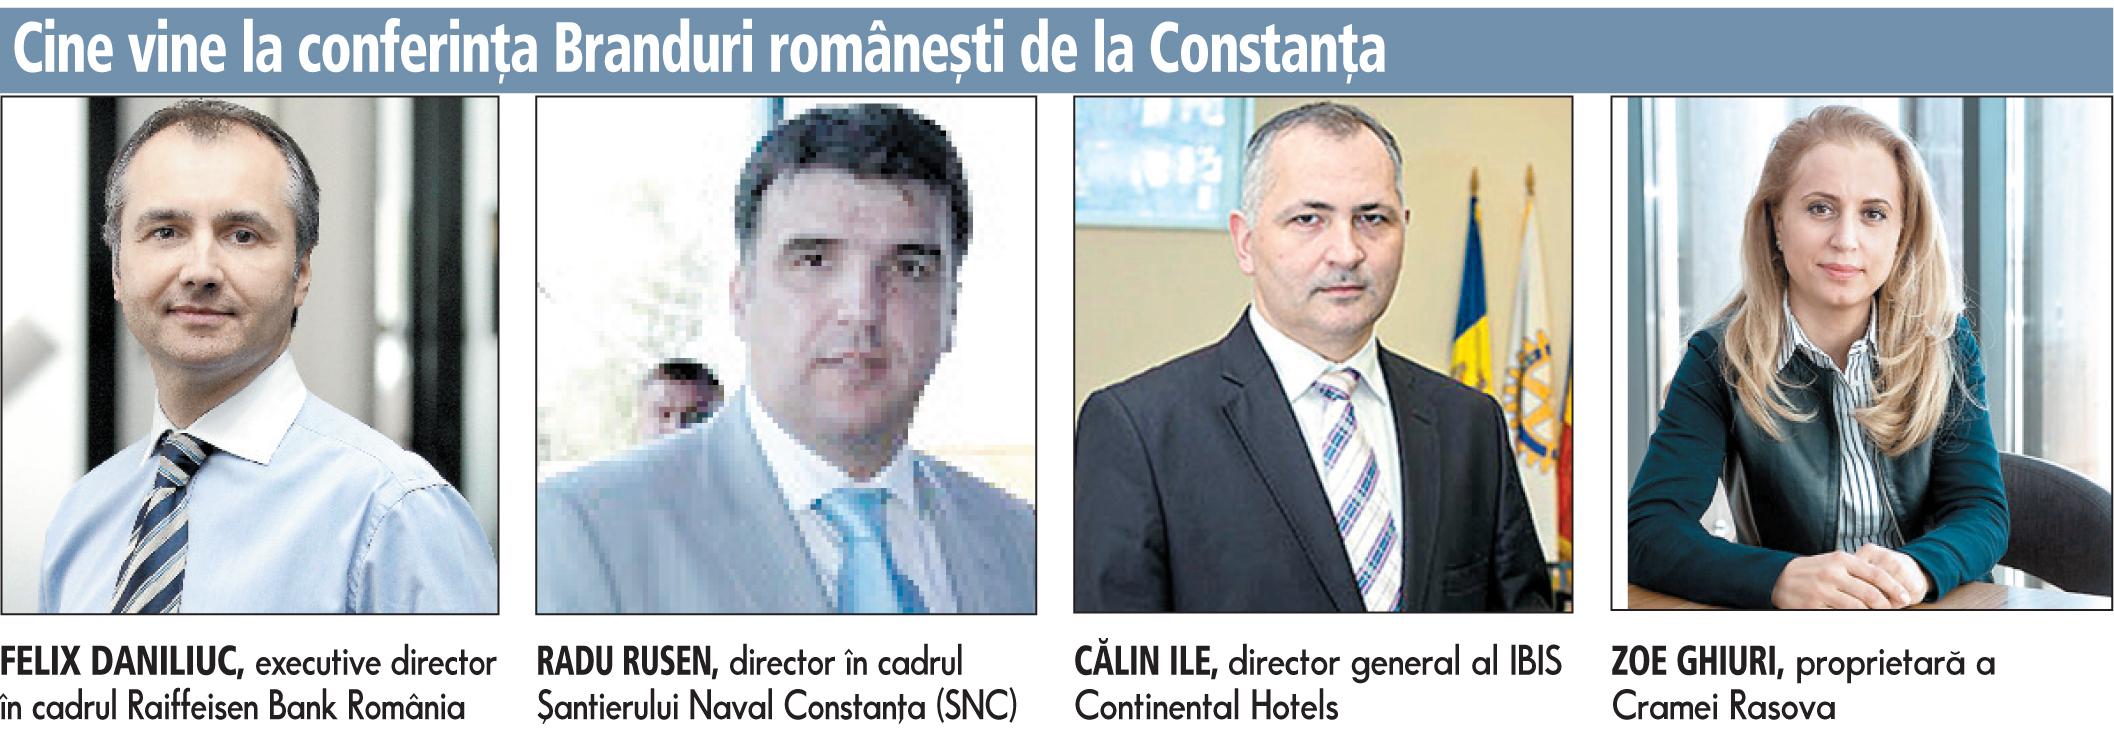 Conferinţa Branduri româneşti - Constanţa. Cum au reuşit brandurile Eugenia, Argus şi Ogorul să ajungă din Constanţa în toată ţara